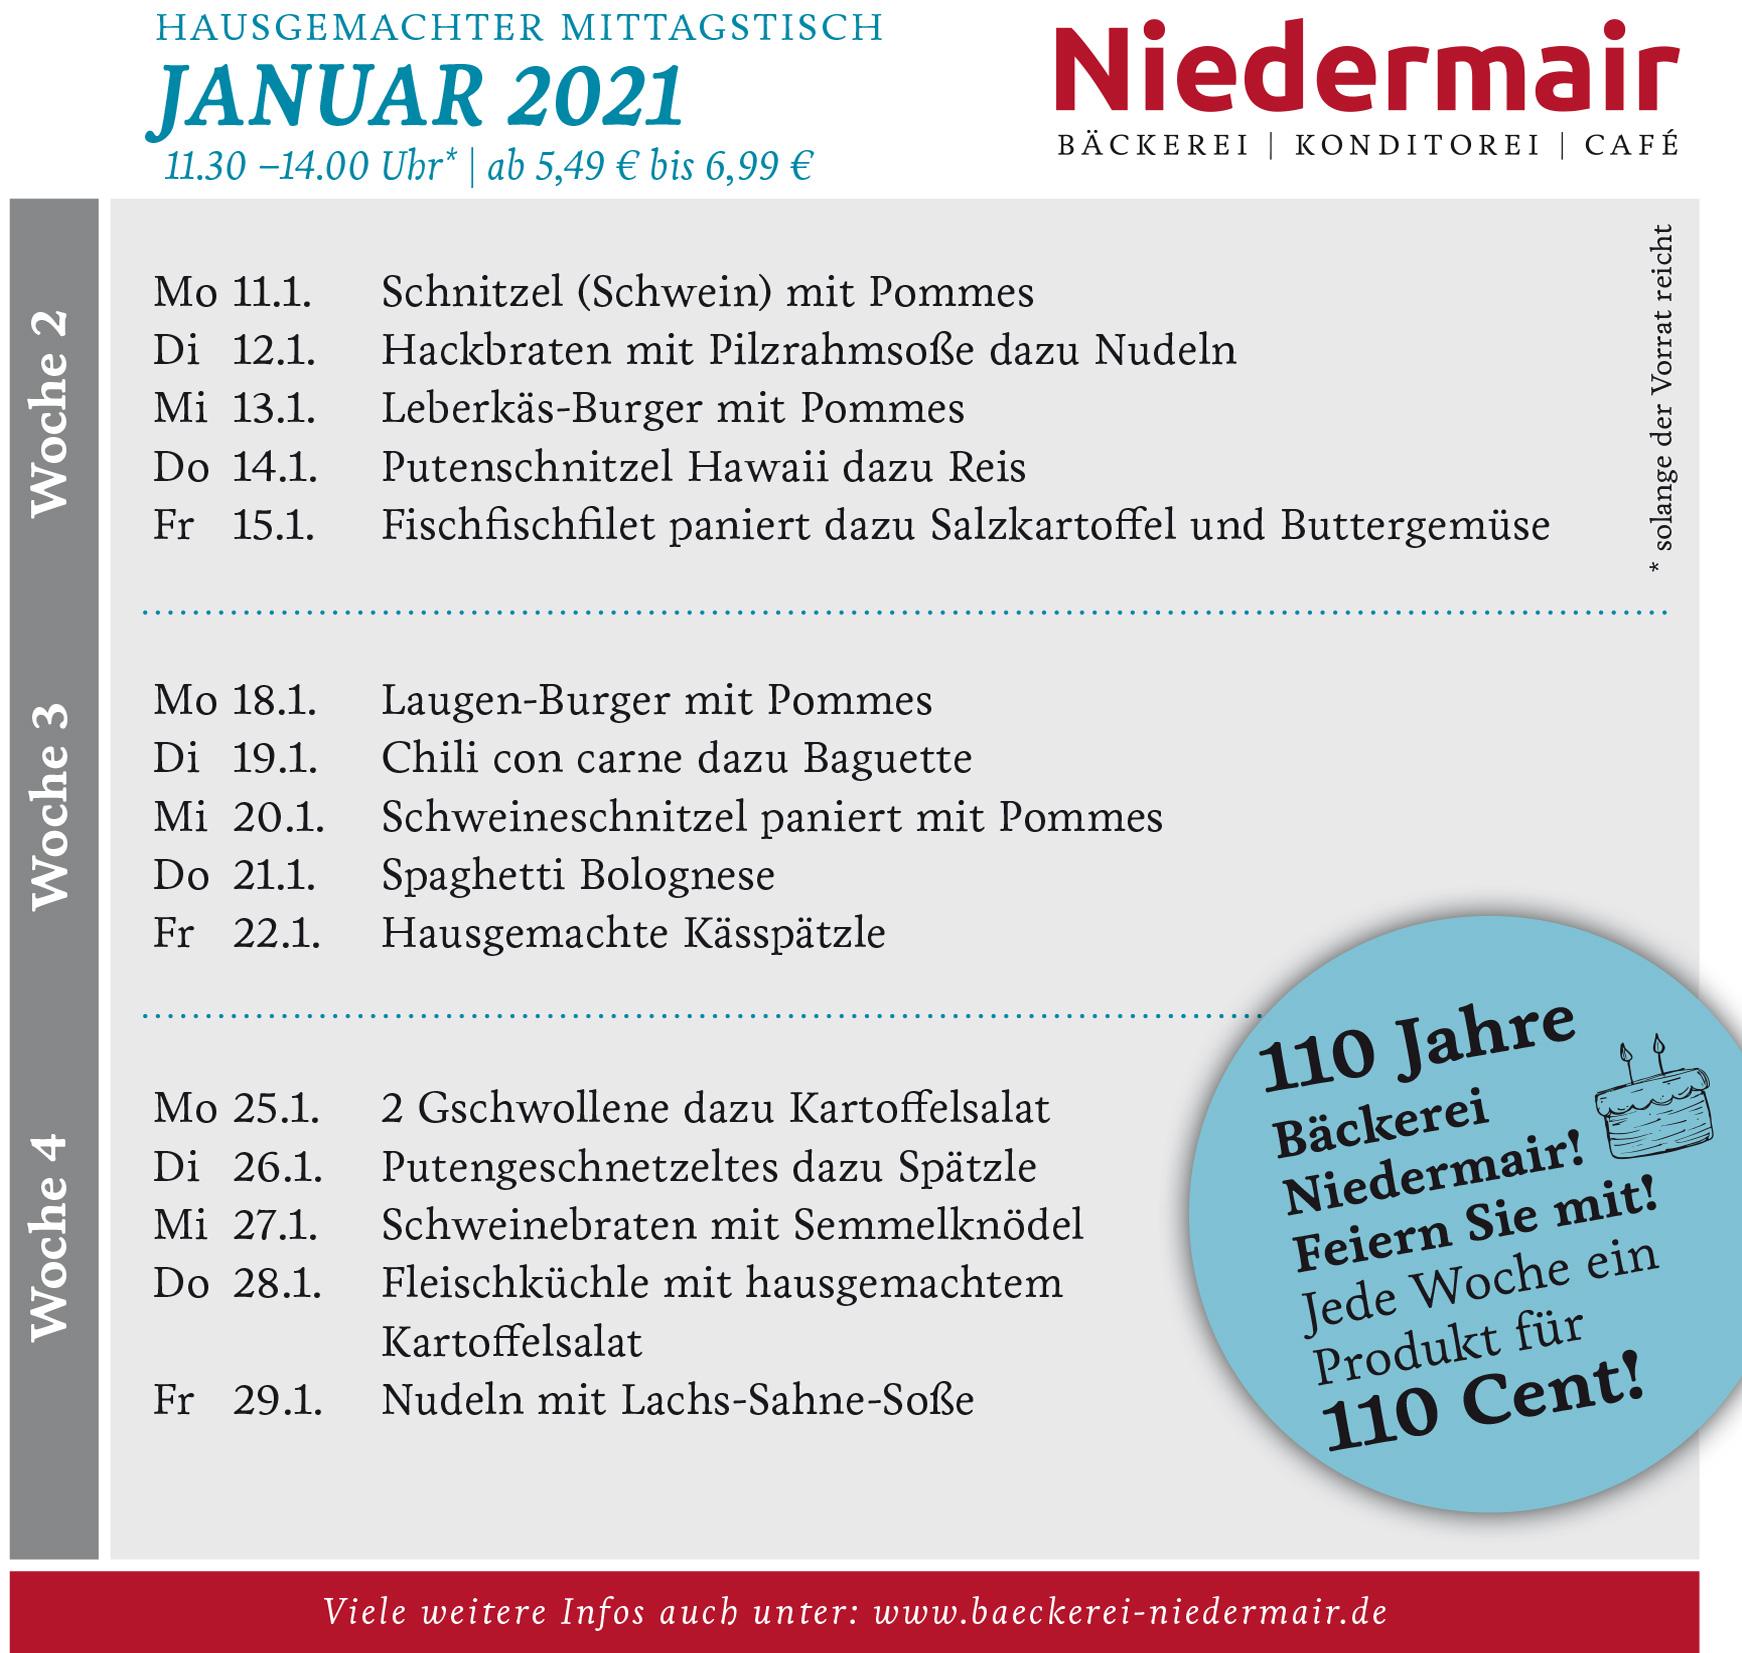 Monatskarte Januar 2021